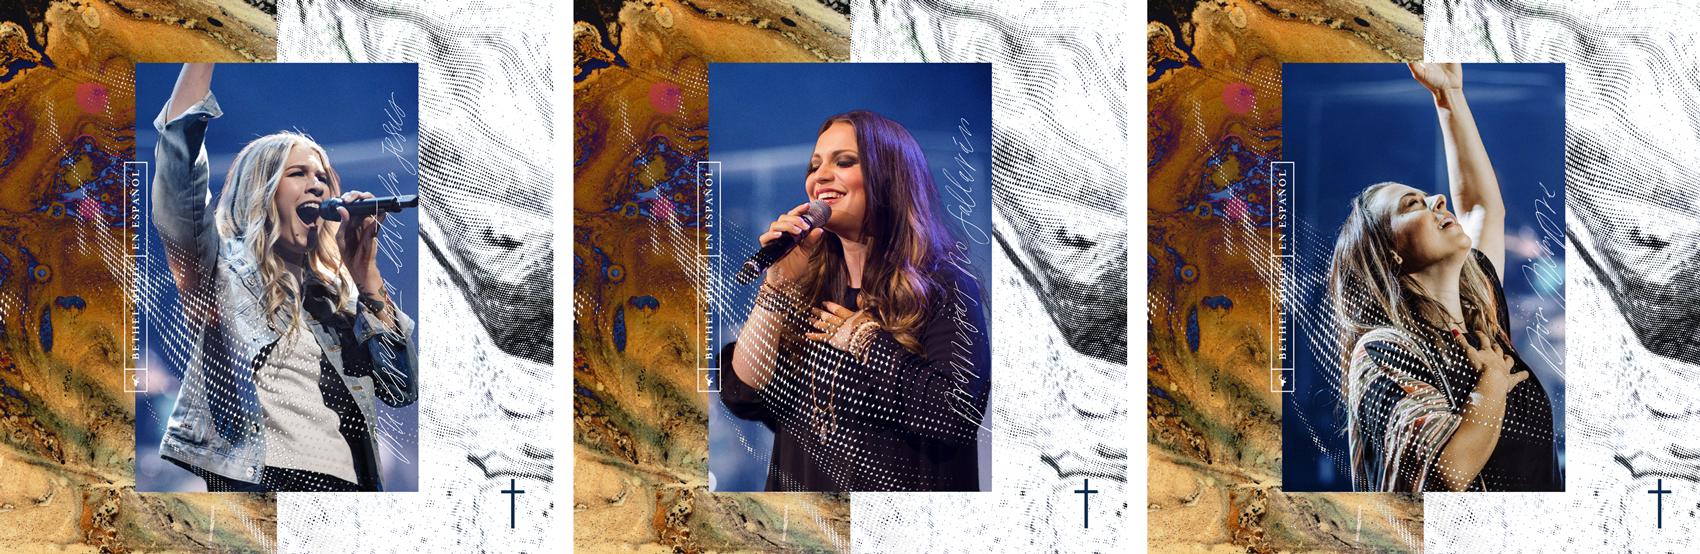 """Cover artwork for the 3 singles, """"Mi Esperanza Esta En Jesus"""", """"Promesas No Fallarán"""" and """"Por Siempre"""""""